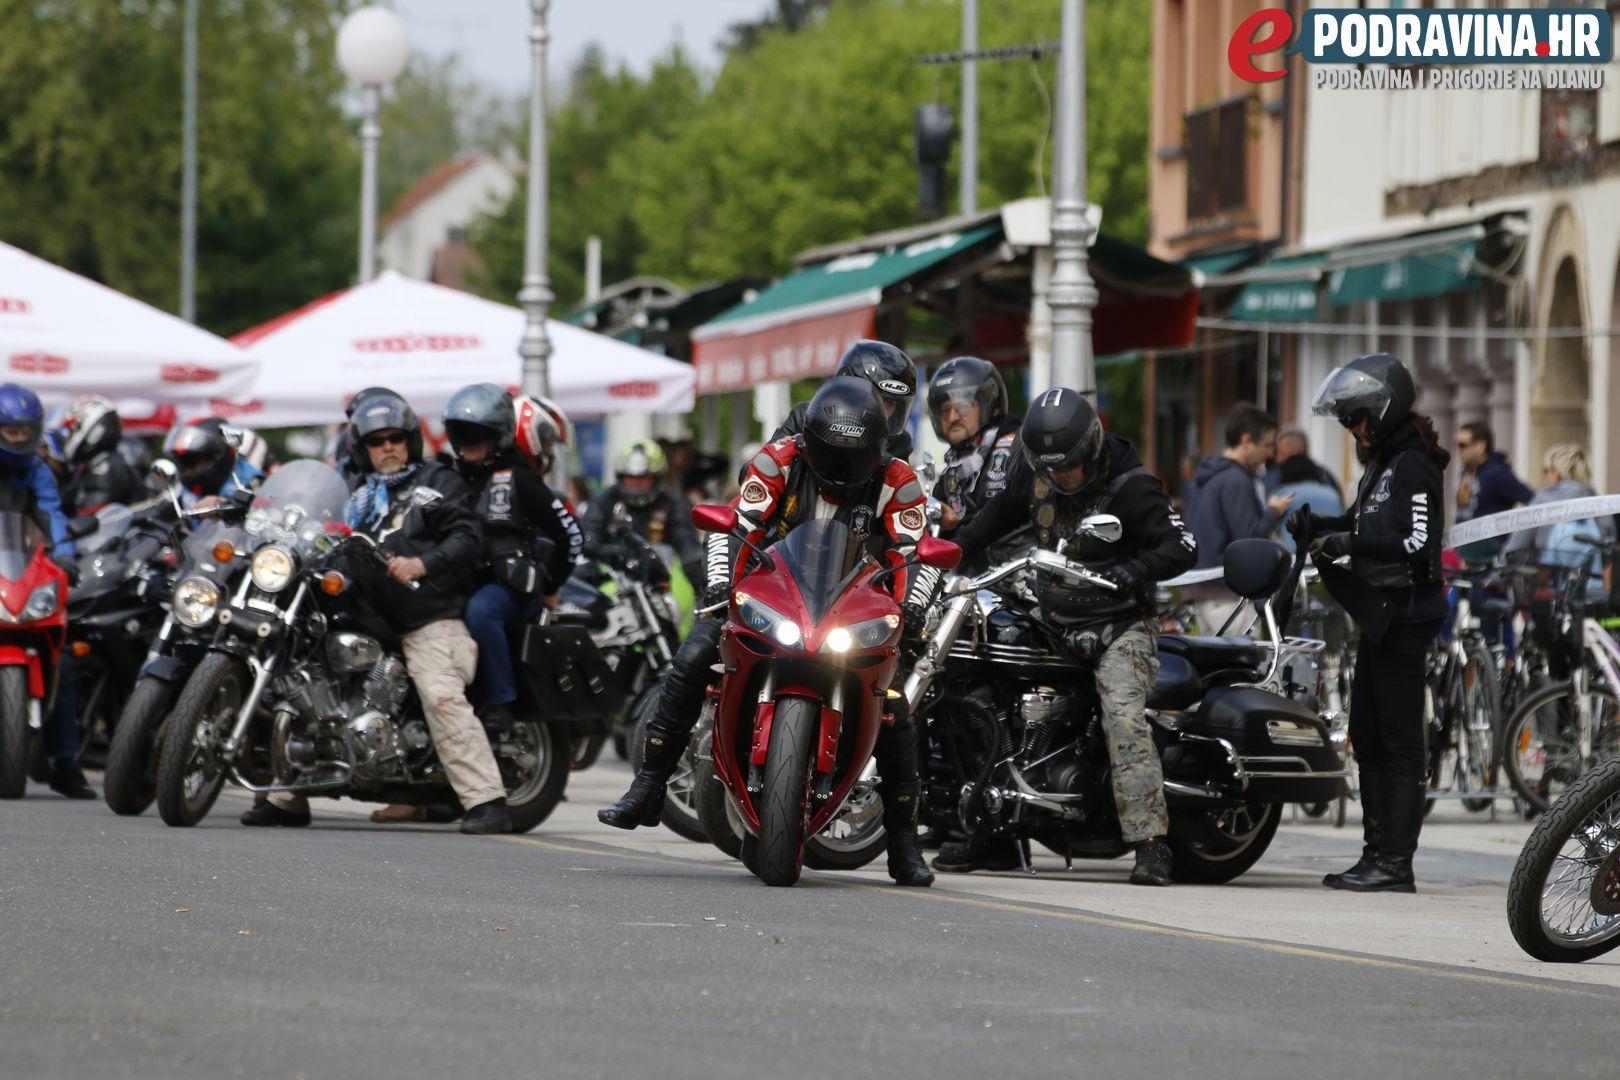 Defile vozača mopeda i motocikla // Foto: Matija Gudlin